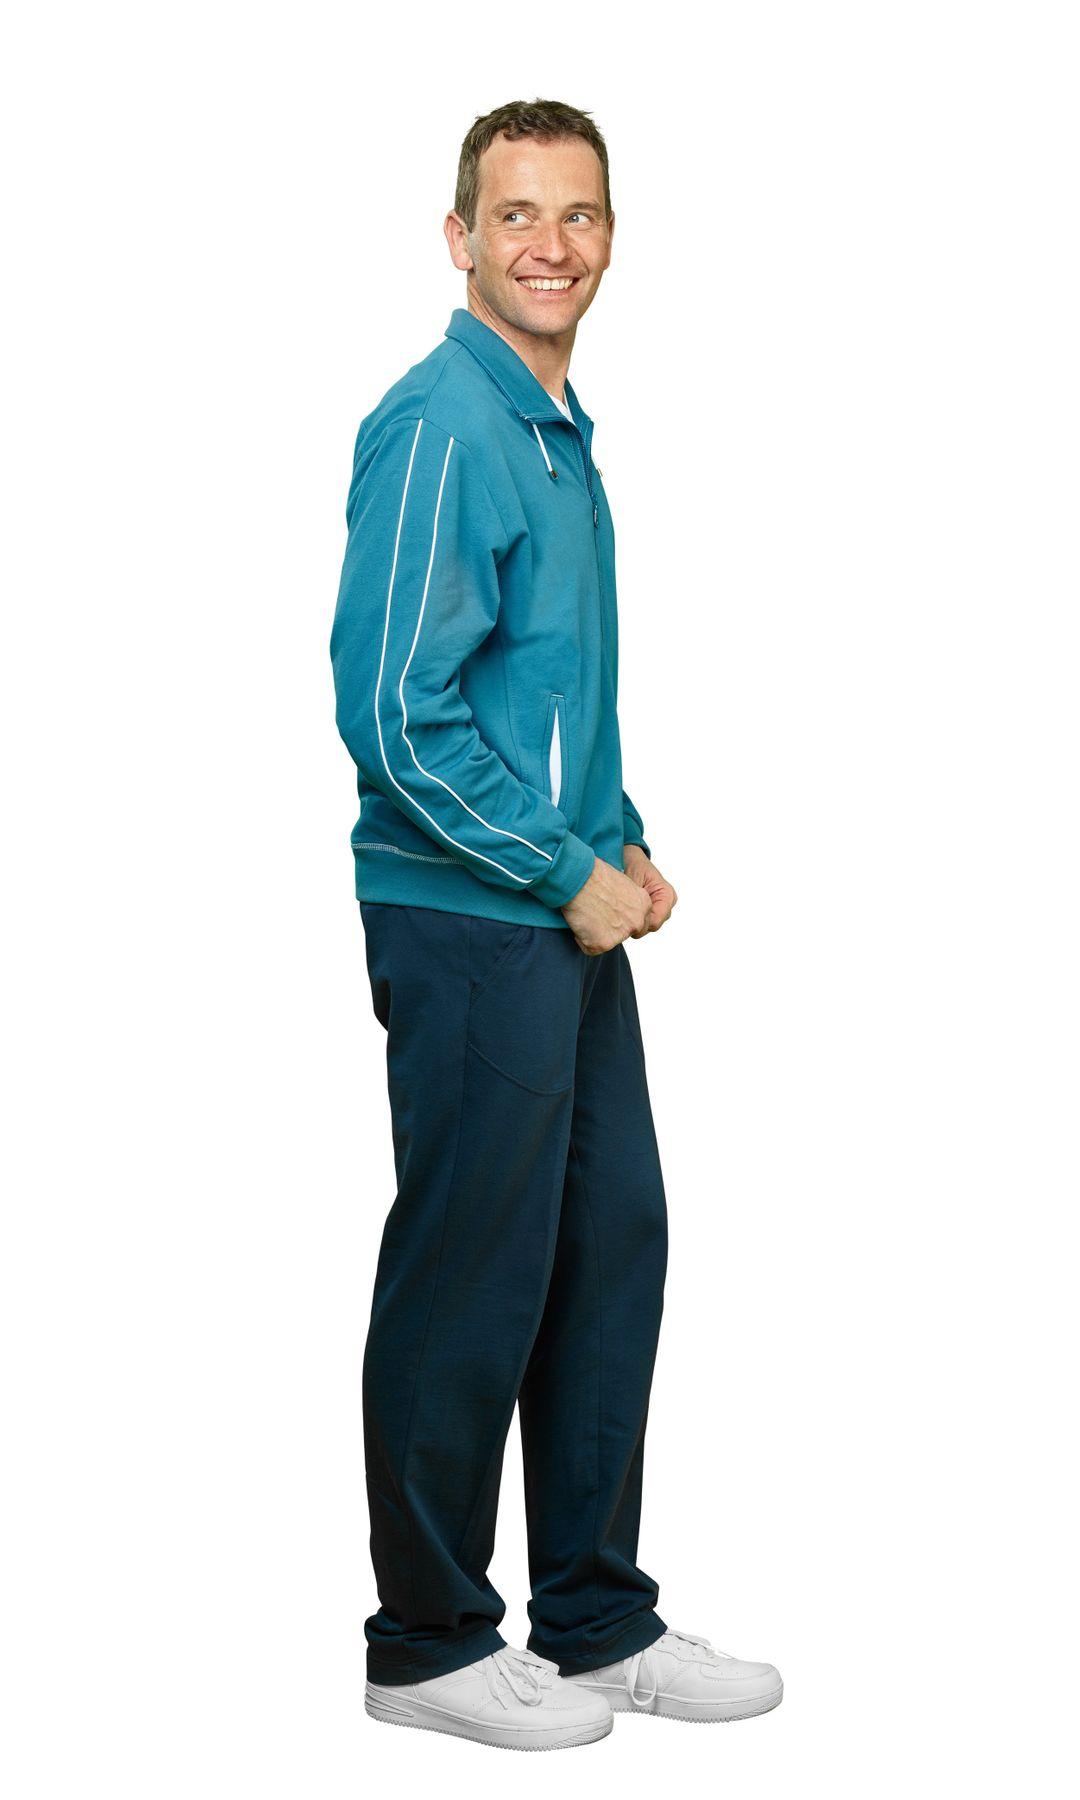 Authentic klein - Herren Sport und Freizeit Jacke aus Baumwolle in Petrol Blau oder Schwarz (53031) – Bild 5